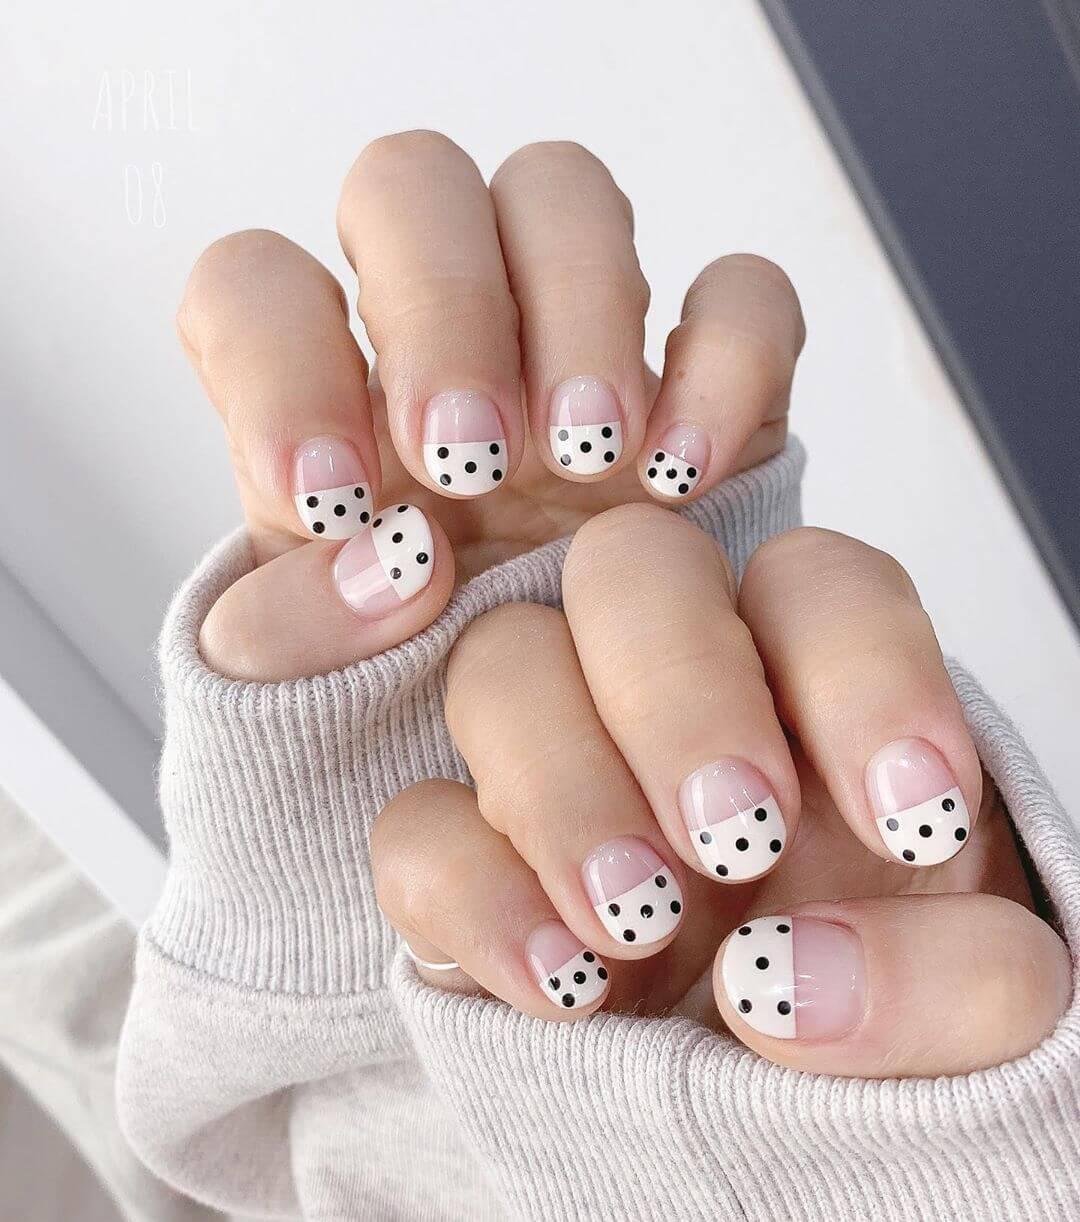 uñas blancas bonitas puntos negros